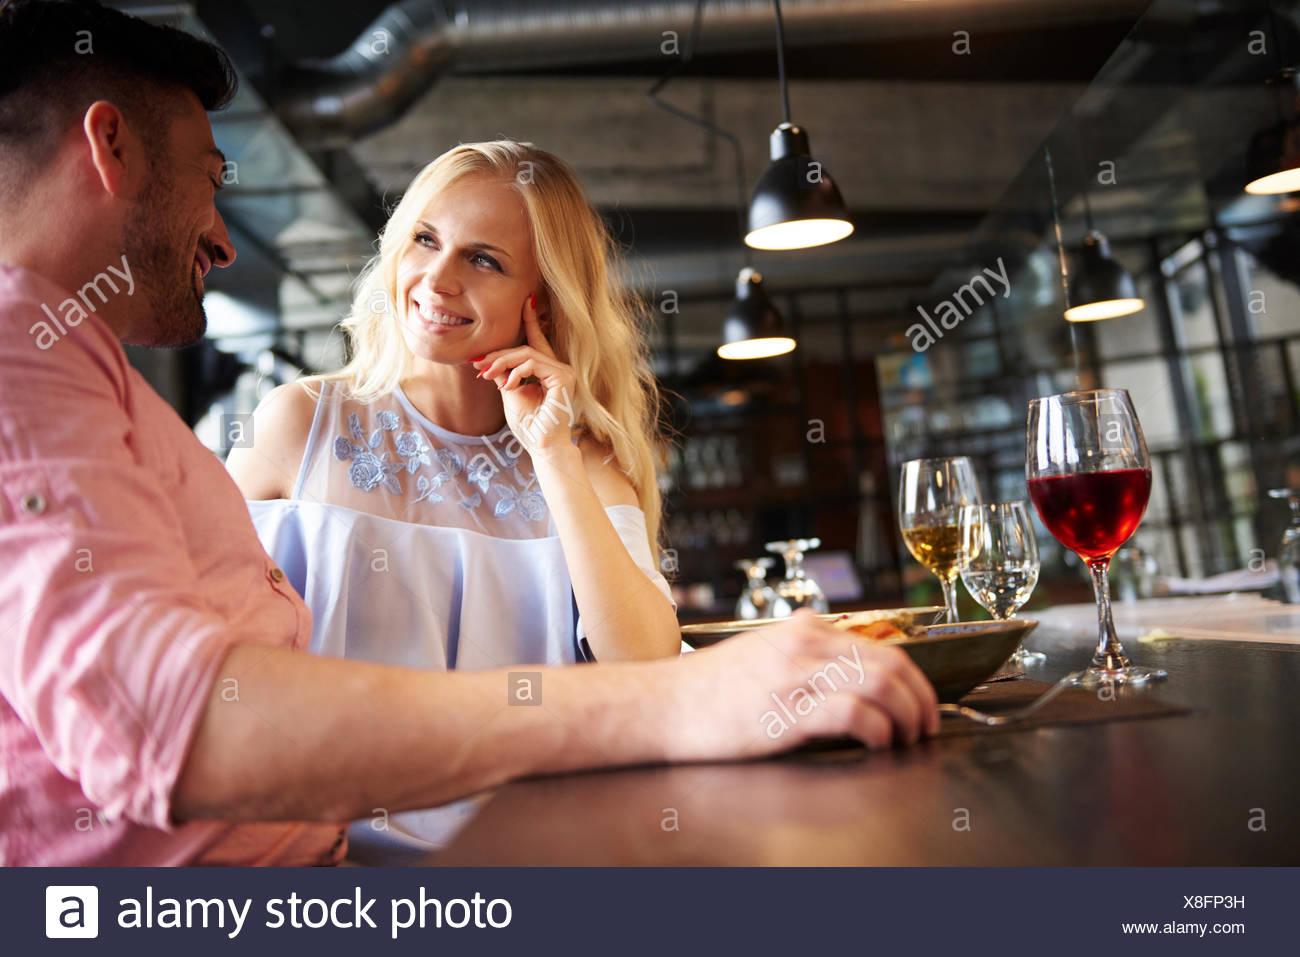 Matura in chat al ristorante tabella Immagini Stock